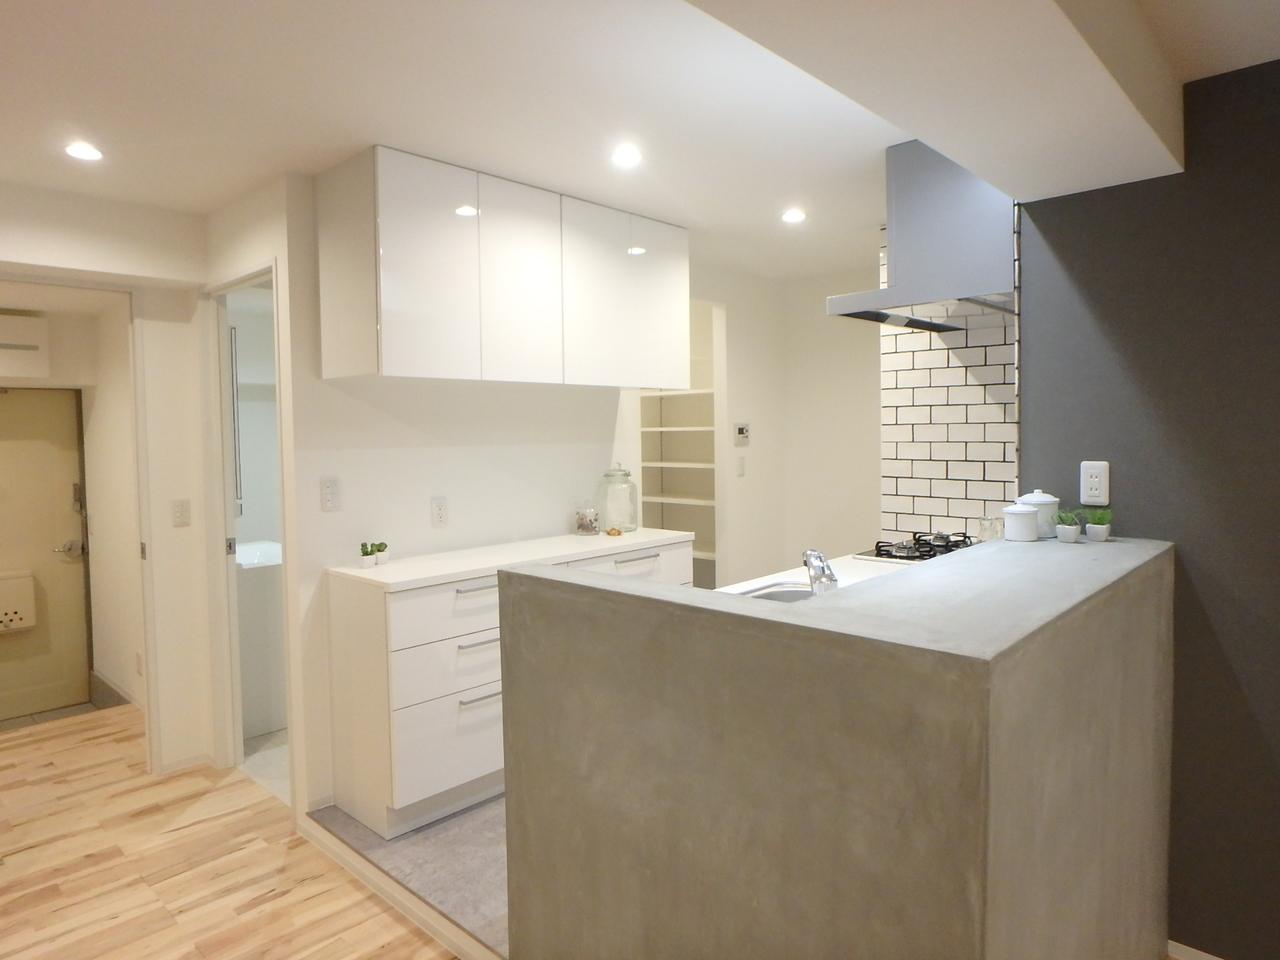 キッチン全体。壁面タイルとモルタルカウンターがお部屋のアクセント。生活感を抑えます◎